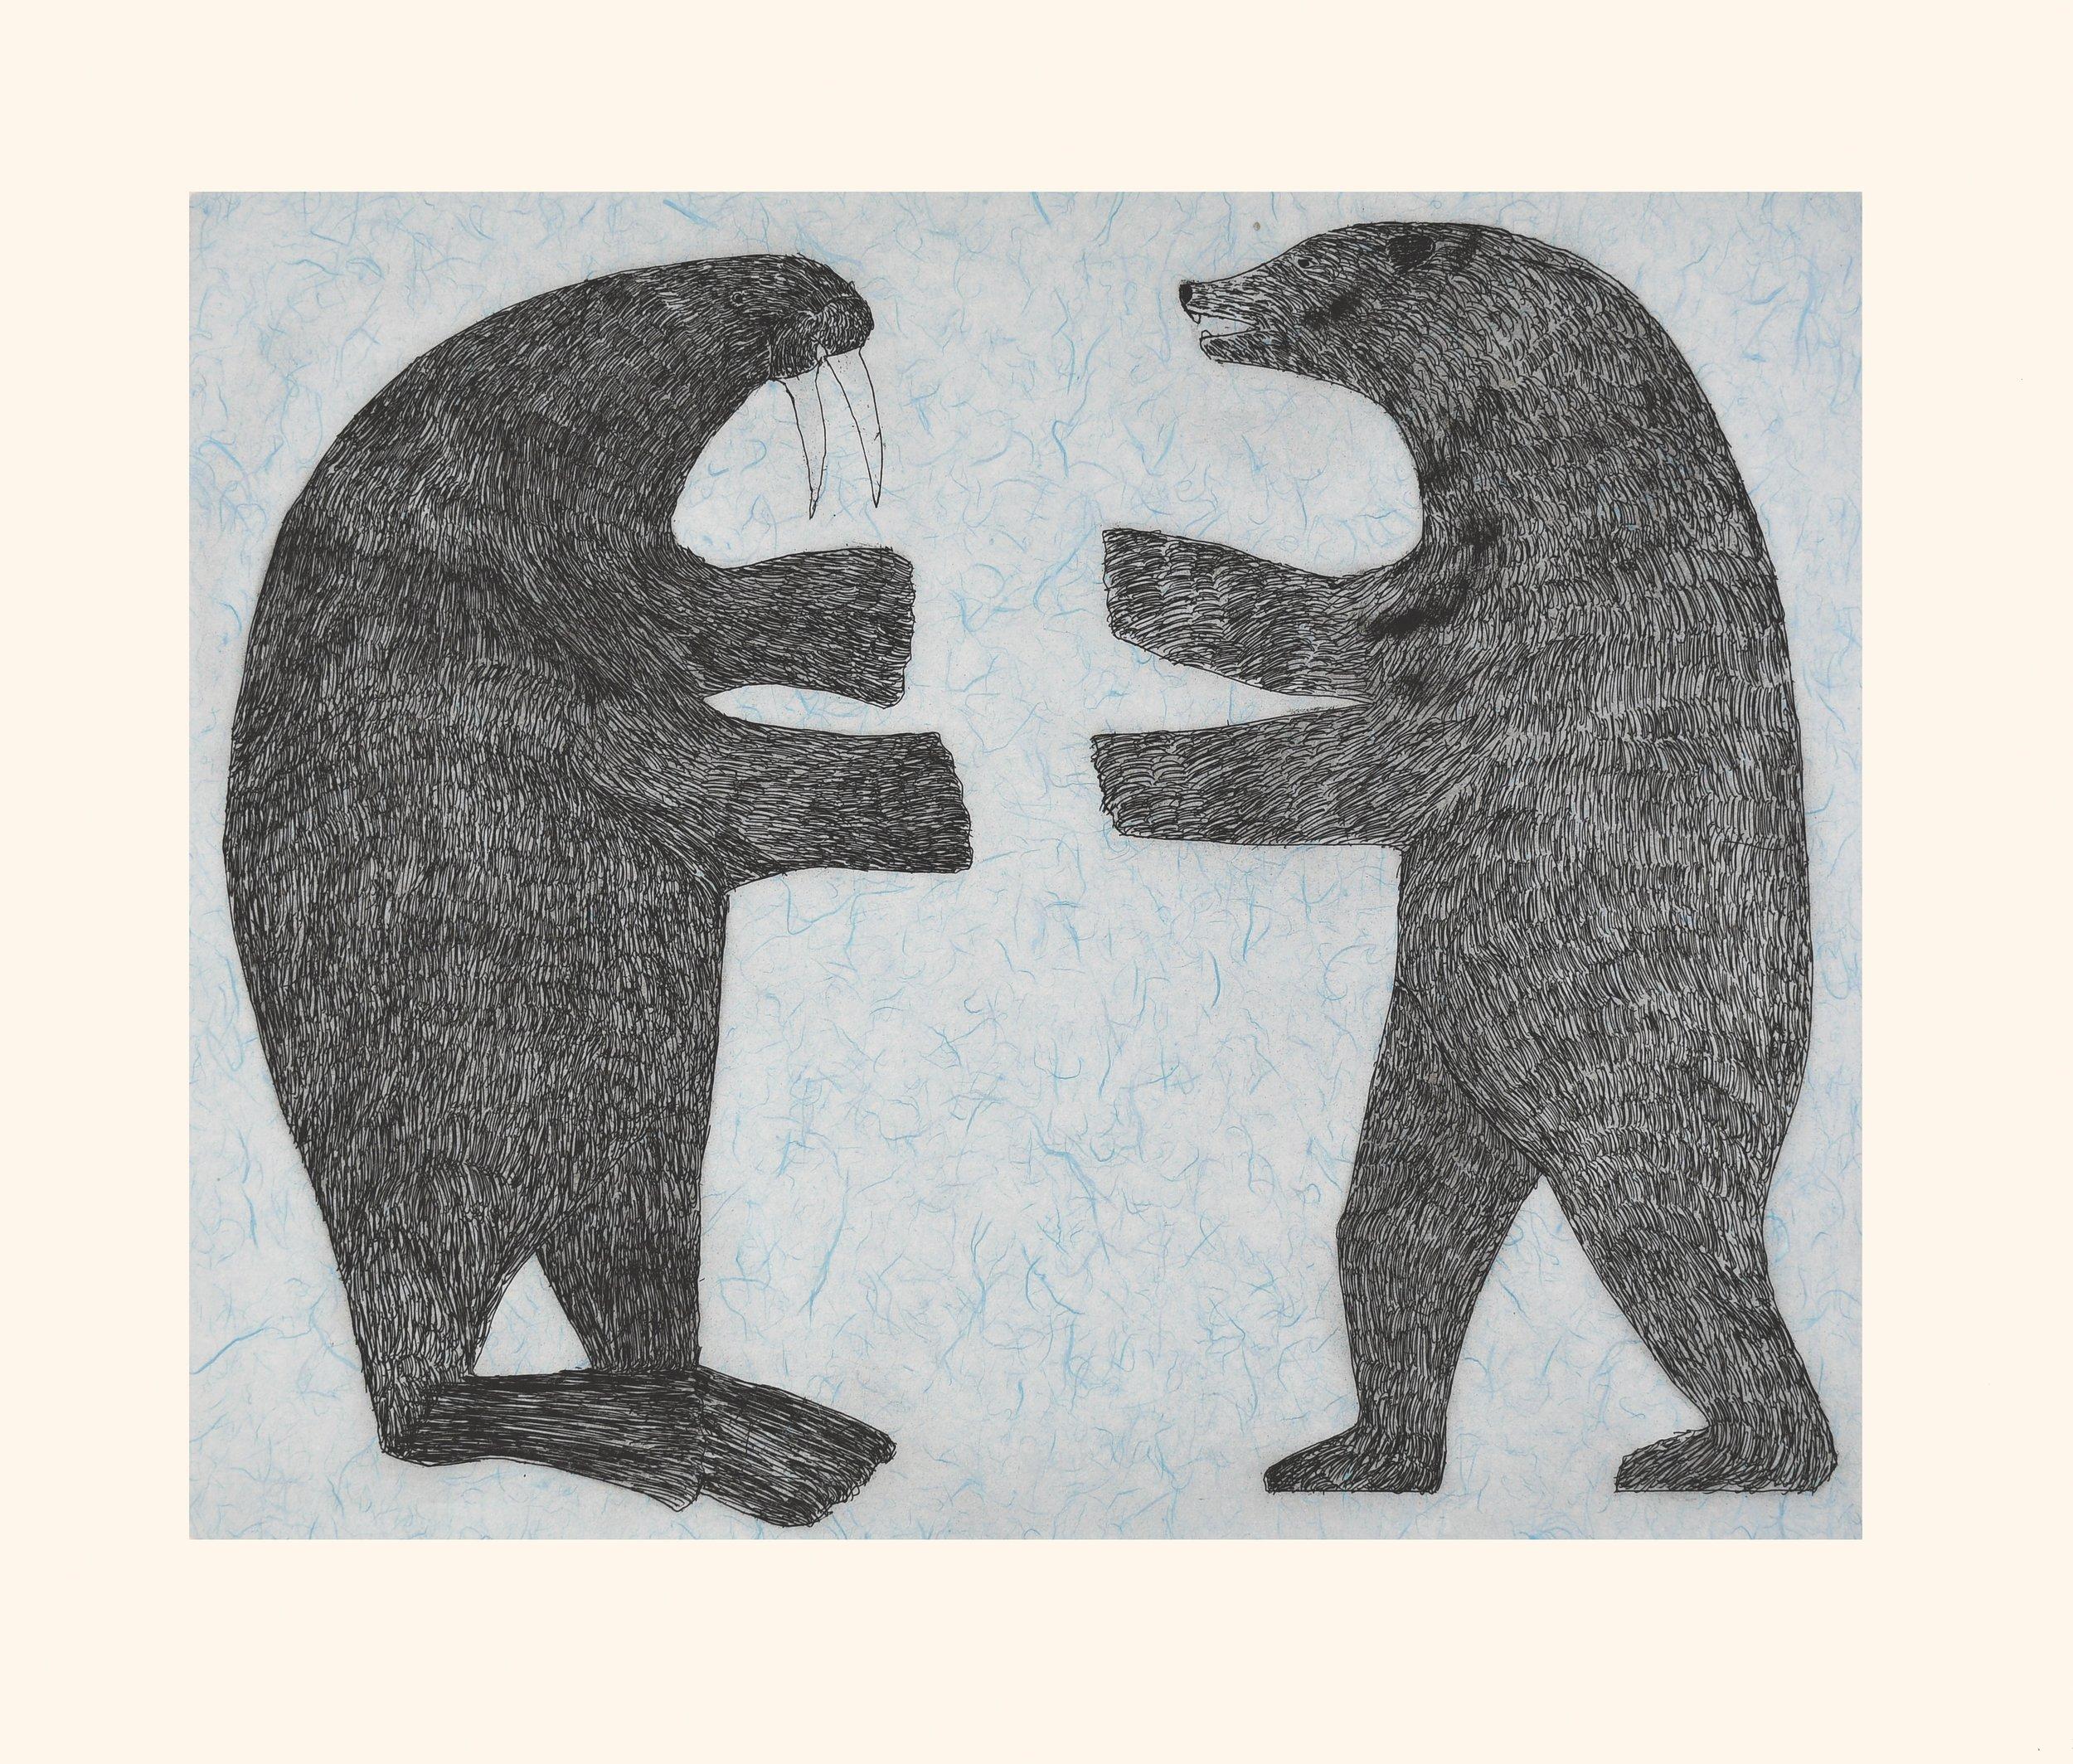 """NUNA PARR 29. Confrontation Etching & Chine Collé Paper: Arches White Printer: Studio PM 80 x 94 cm 31 ½"""" x 37"""" $ 1000 $800 $750"""